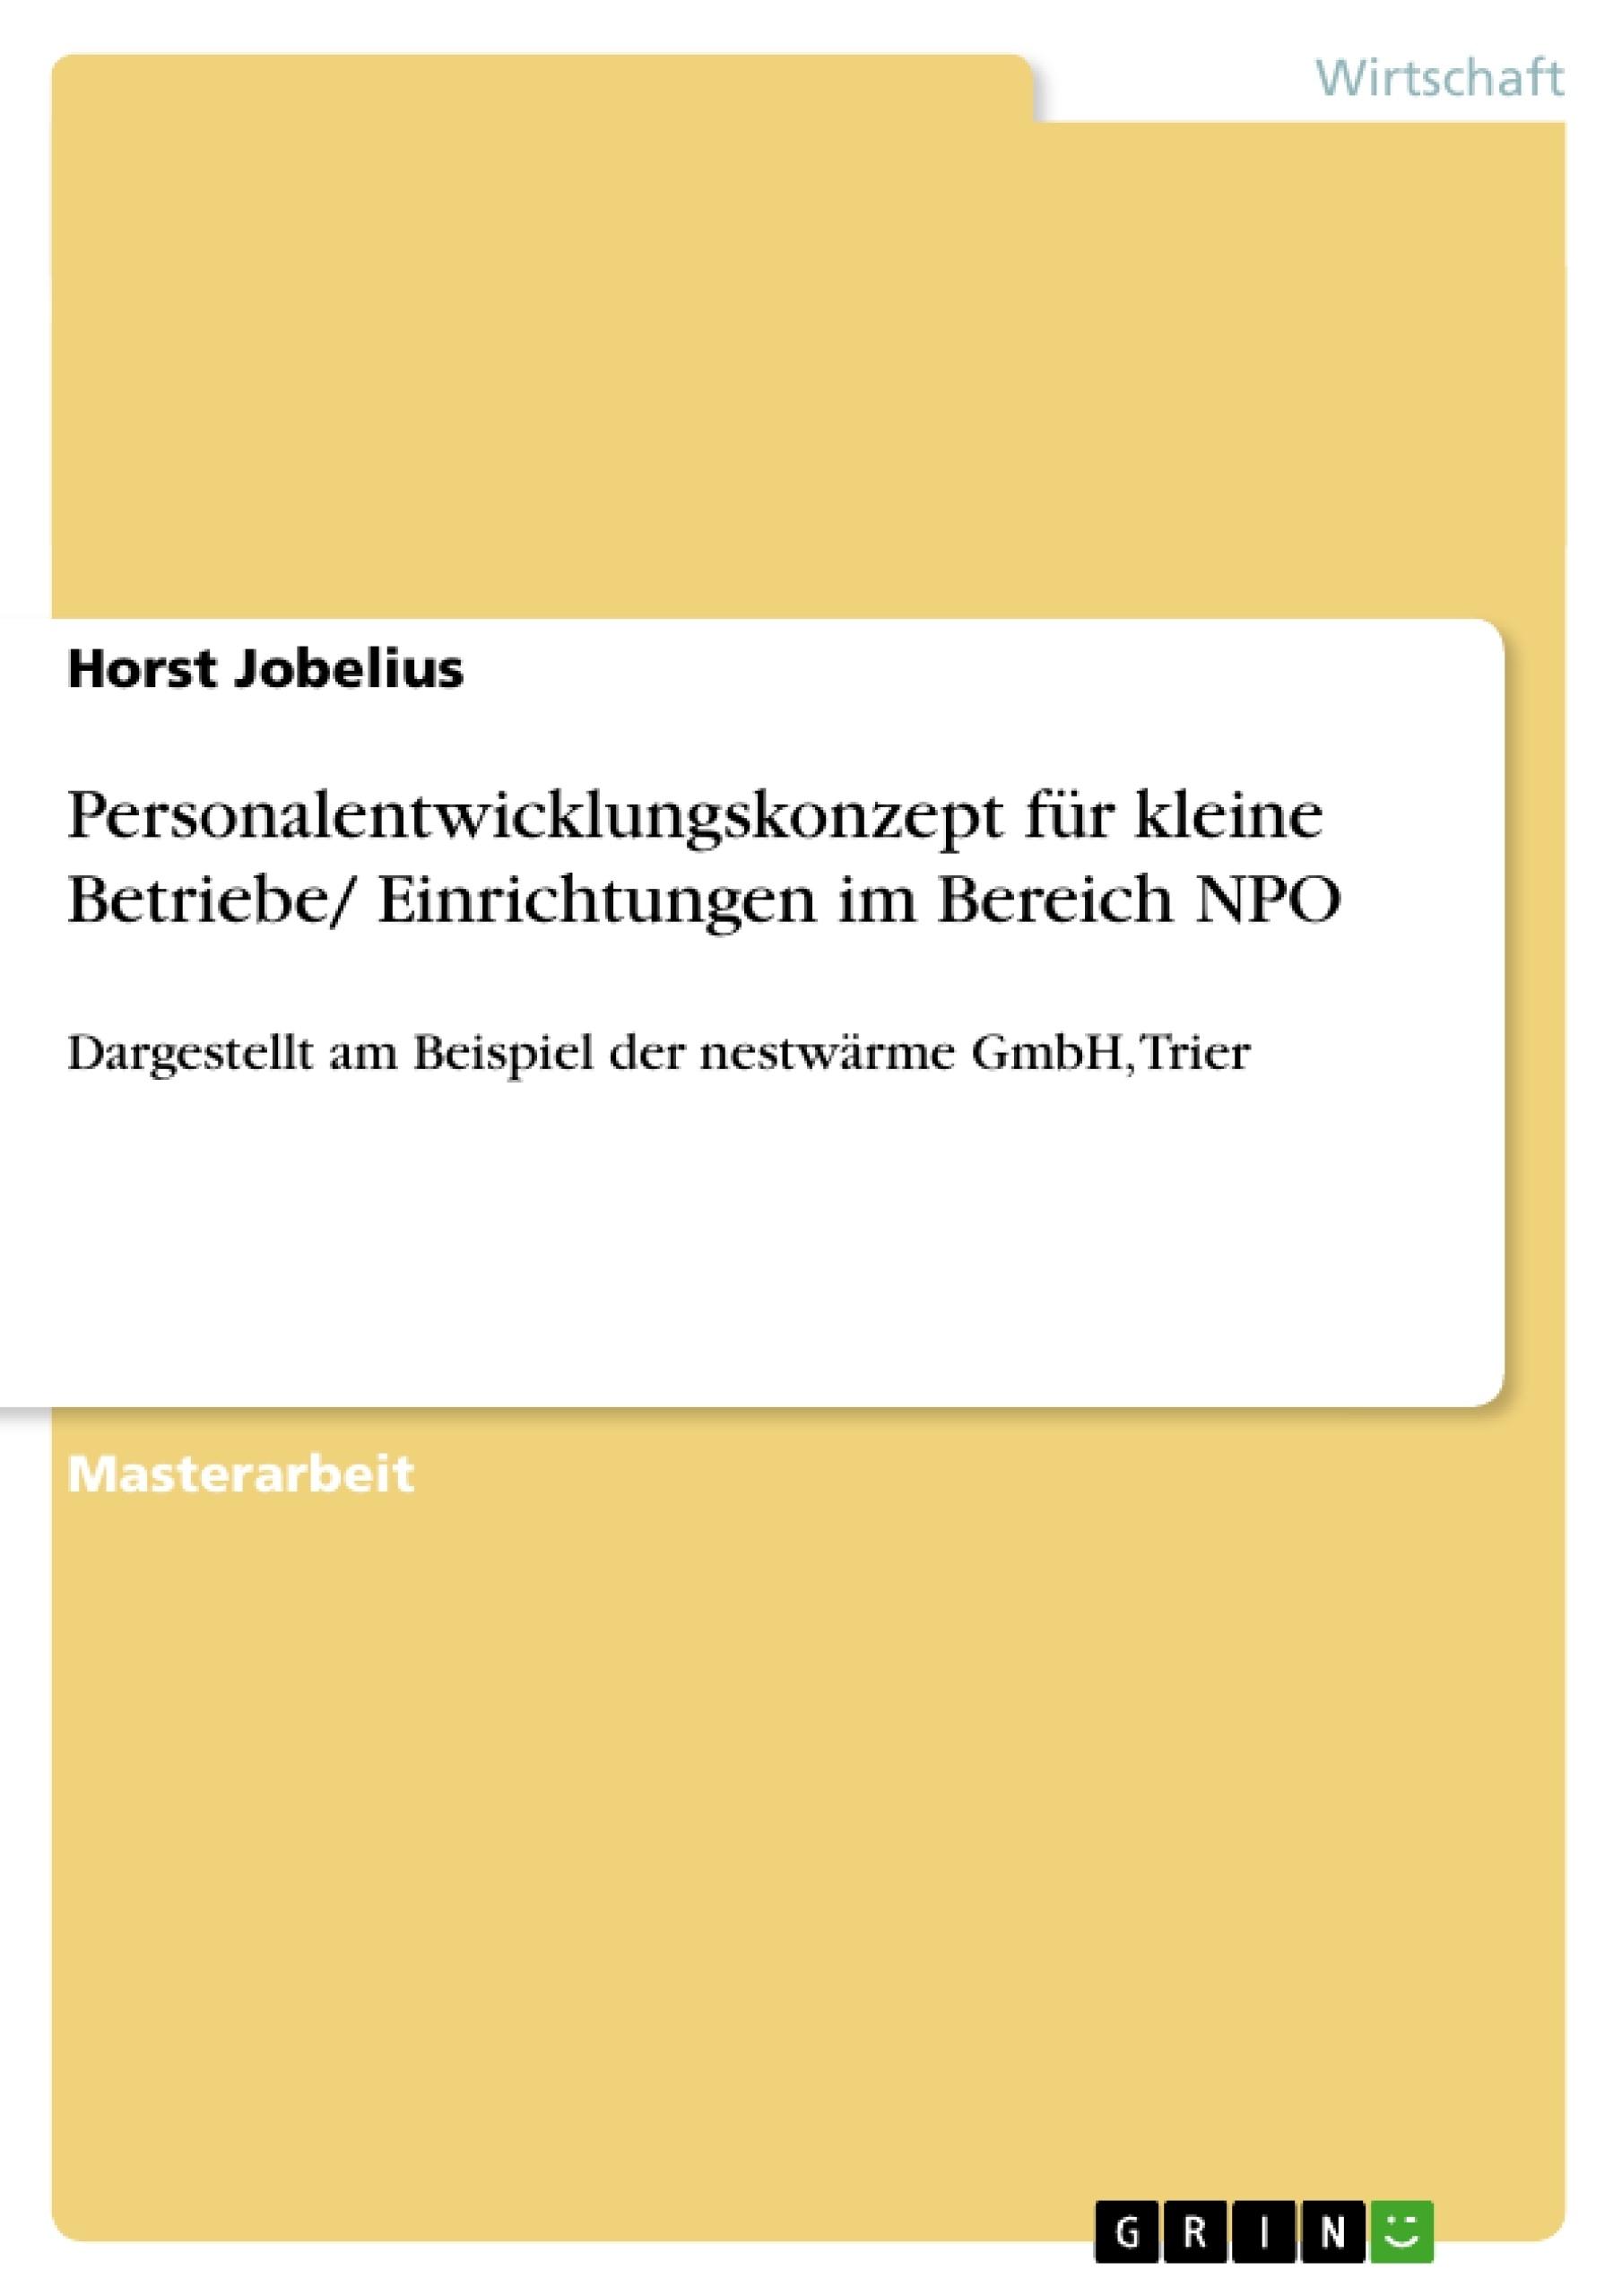 Titel: Personalentwicklungskonzept für kleine Betriebe/ Einrichtungen im Bereich NPO